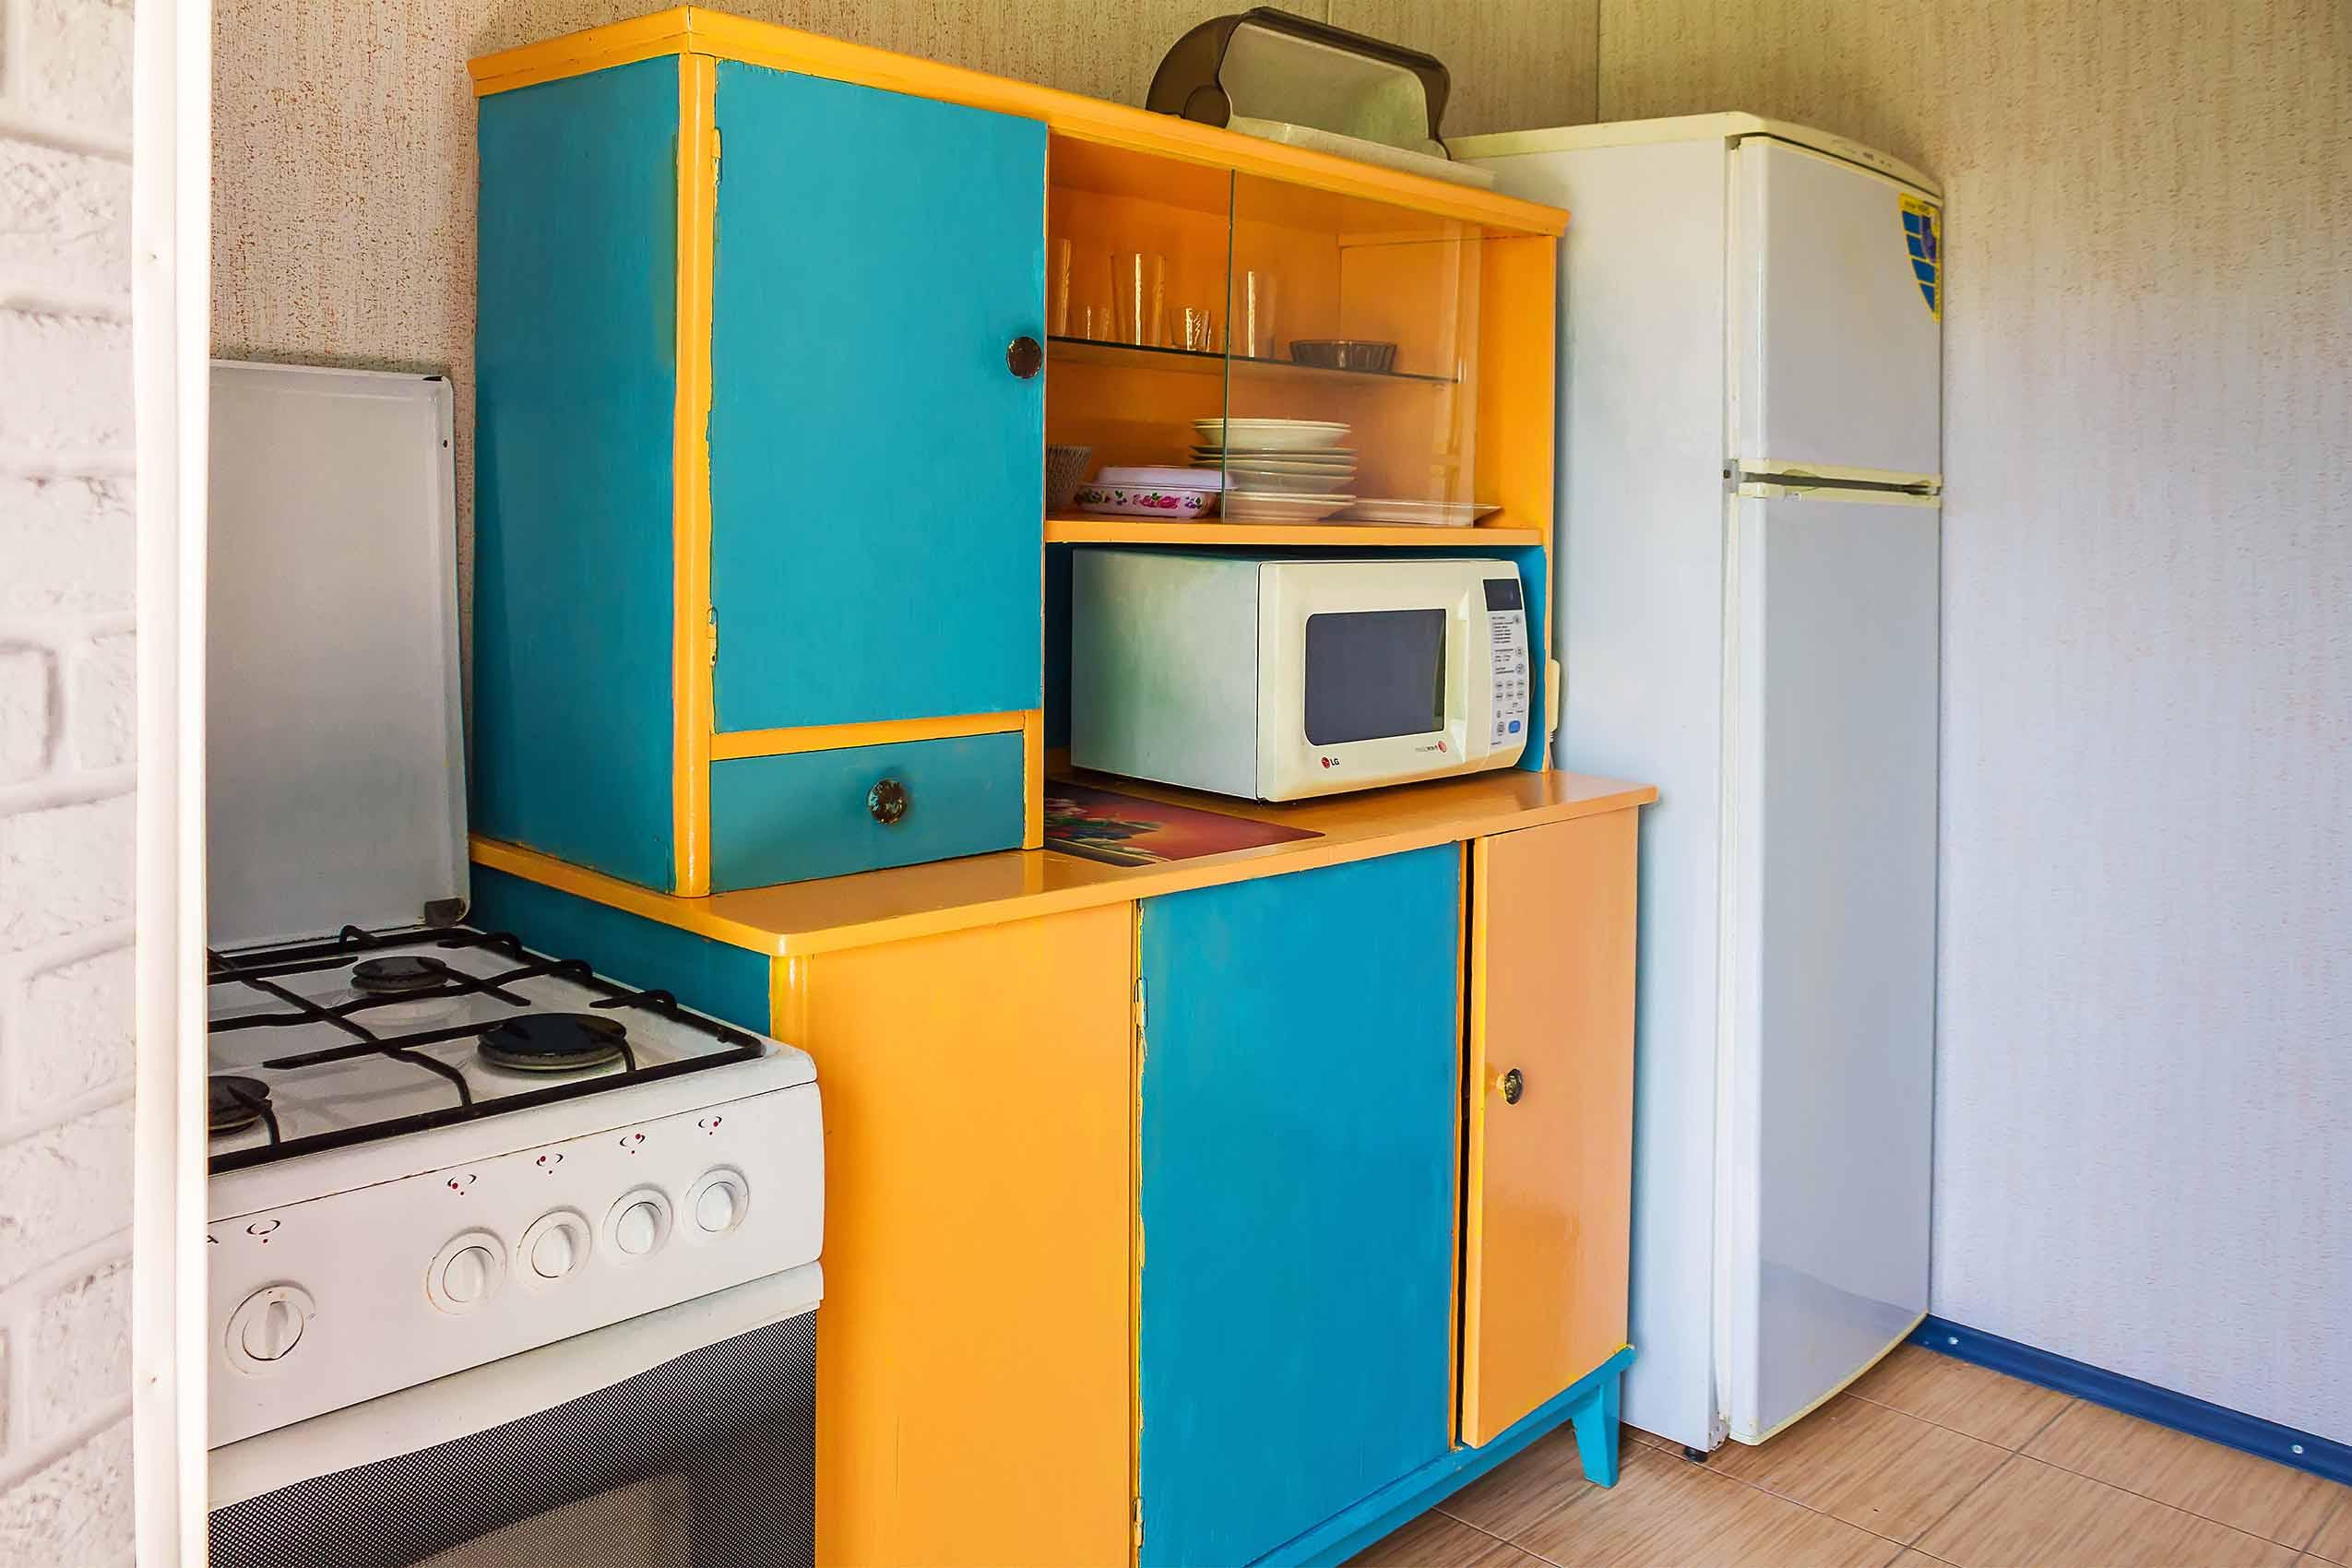 gornaya_antaviya-Kitchen